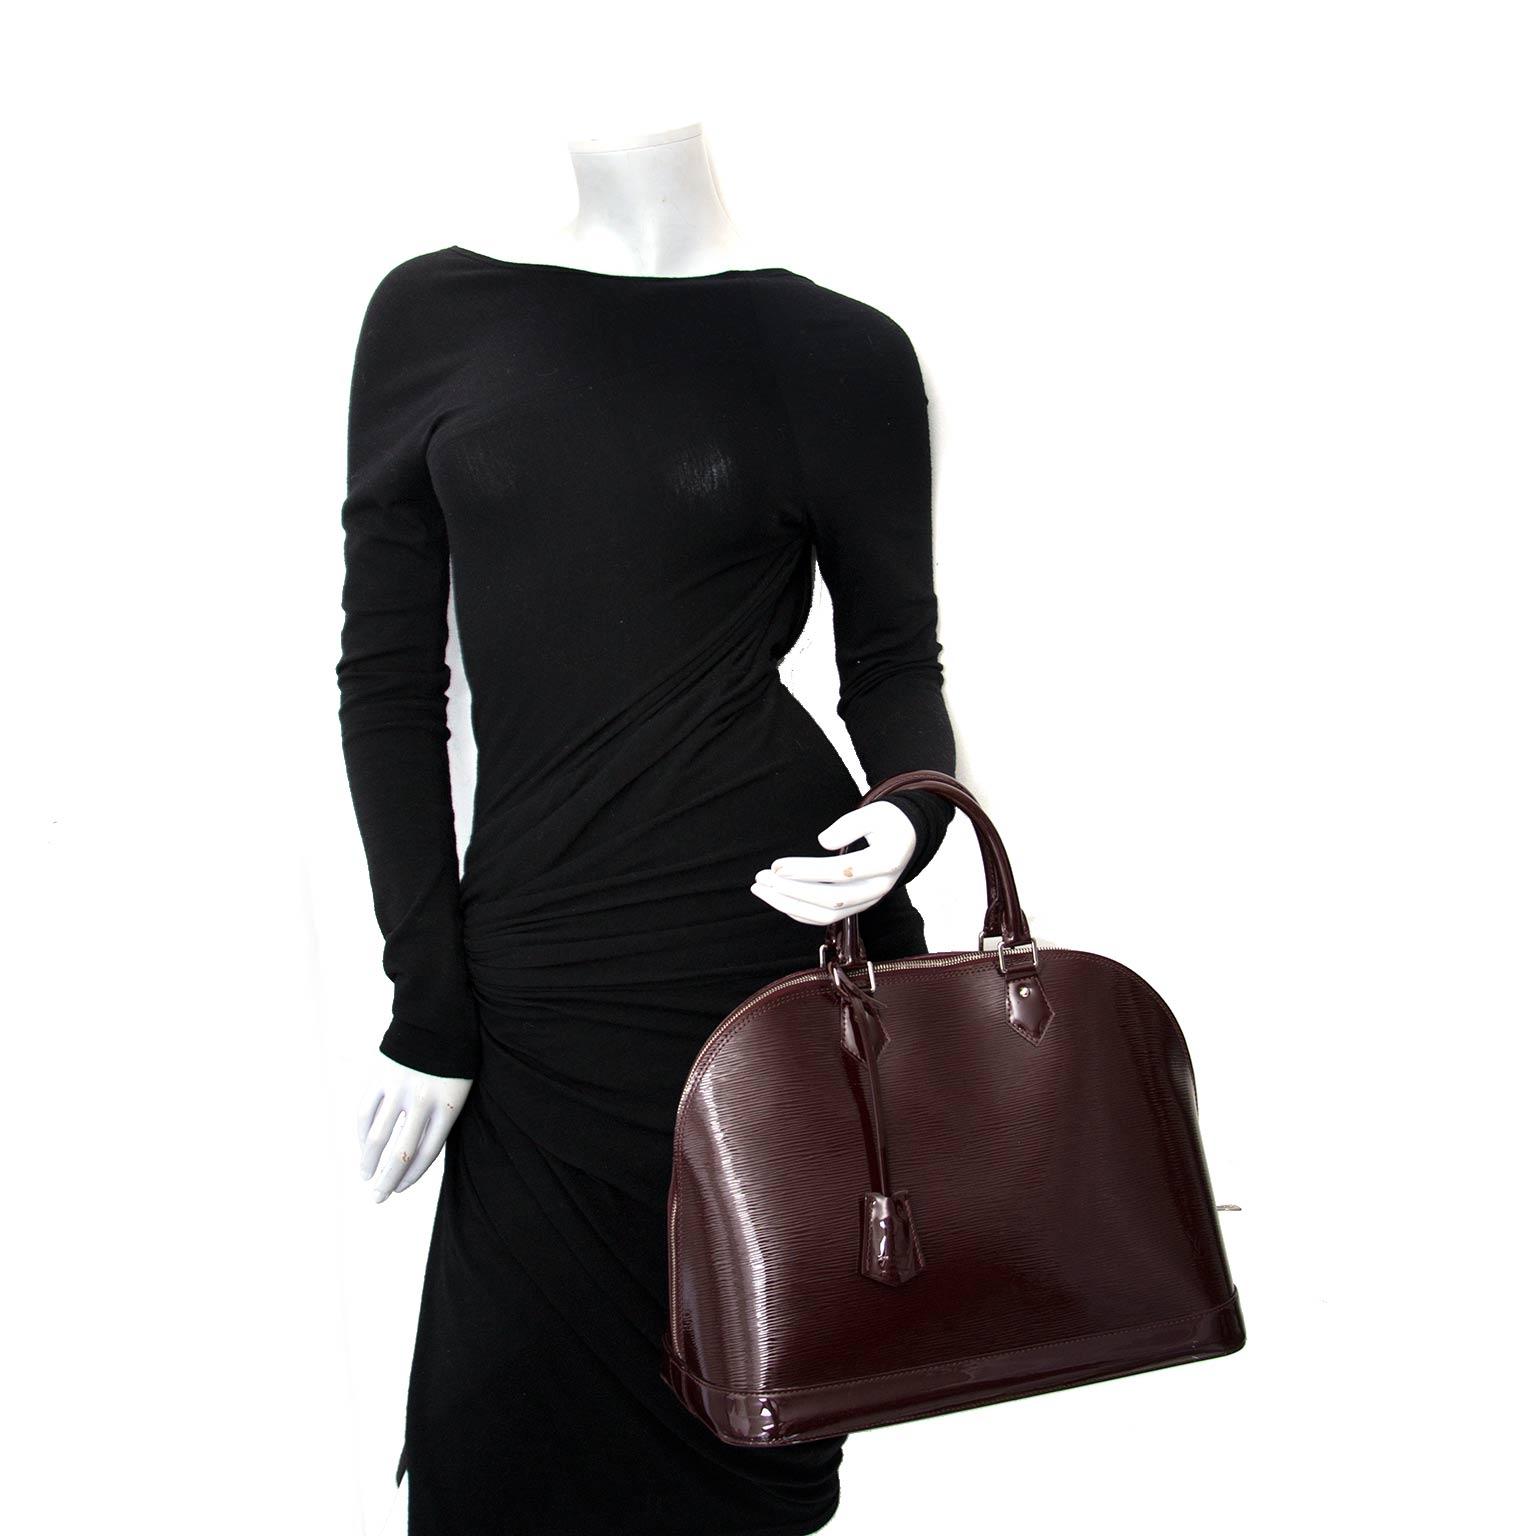 koop online tegen de beste prijs jou tweedehands Louis Vuitton Alma Epi Prune MM